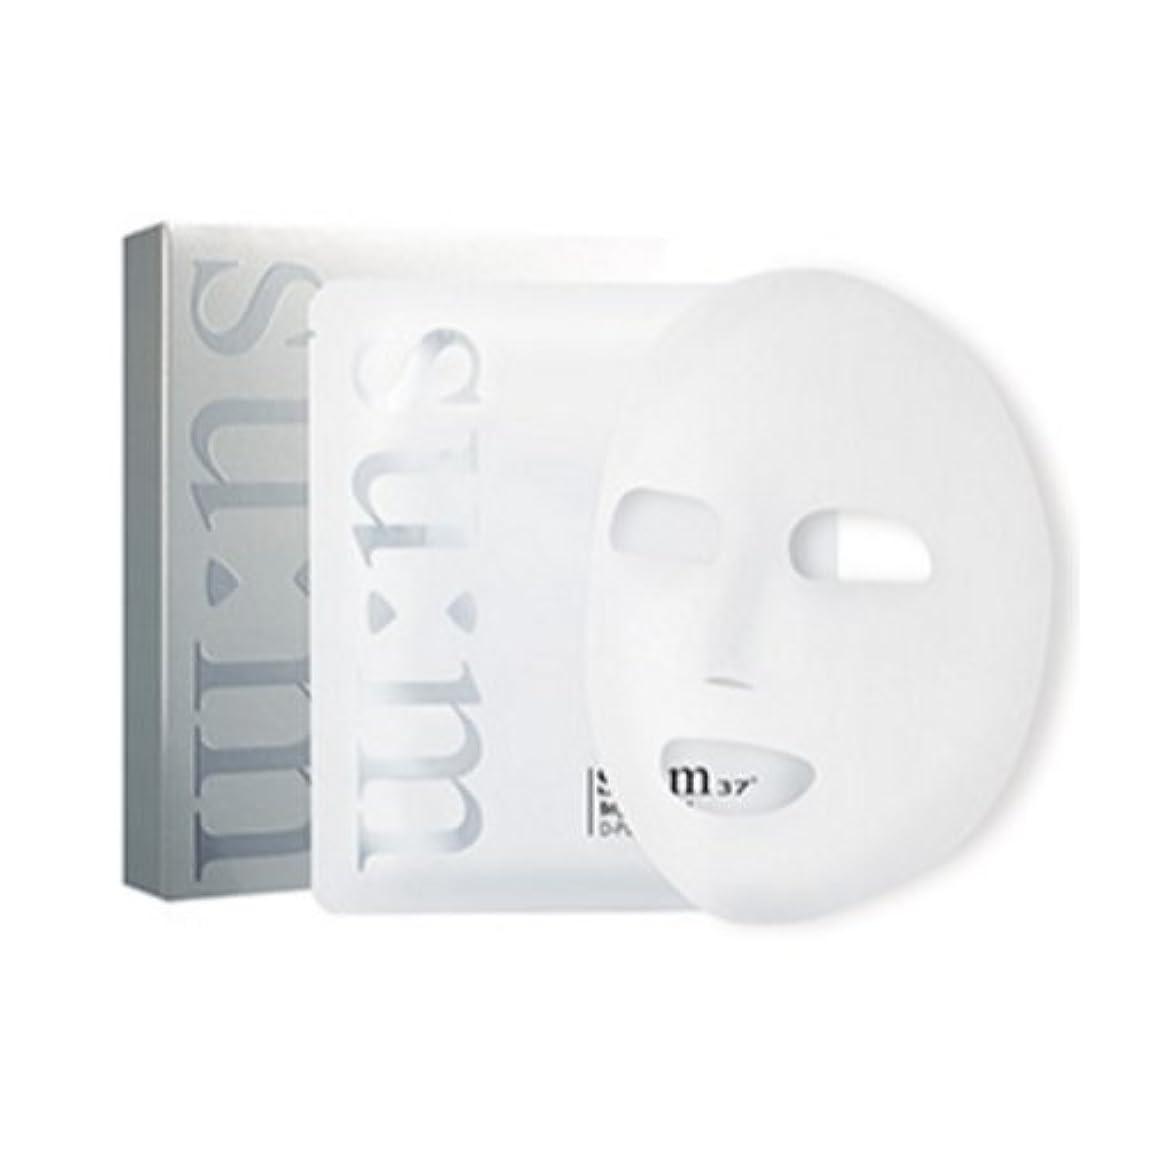 郵便サーバントスツール[スム37°] su:m37°ブライトアワードD-浄化粘土シートマスク(10ea)海外直送品(su:m37° Bright Award D-Purifying Clay Sheet Mask (10ea)) [並行輸入品]